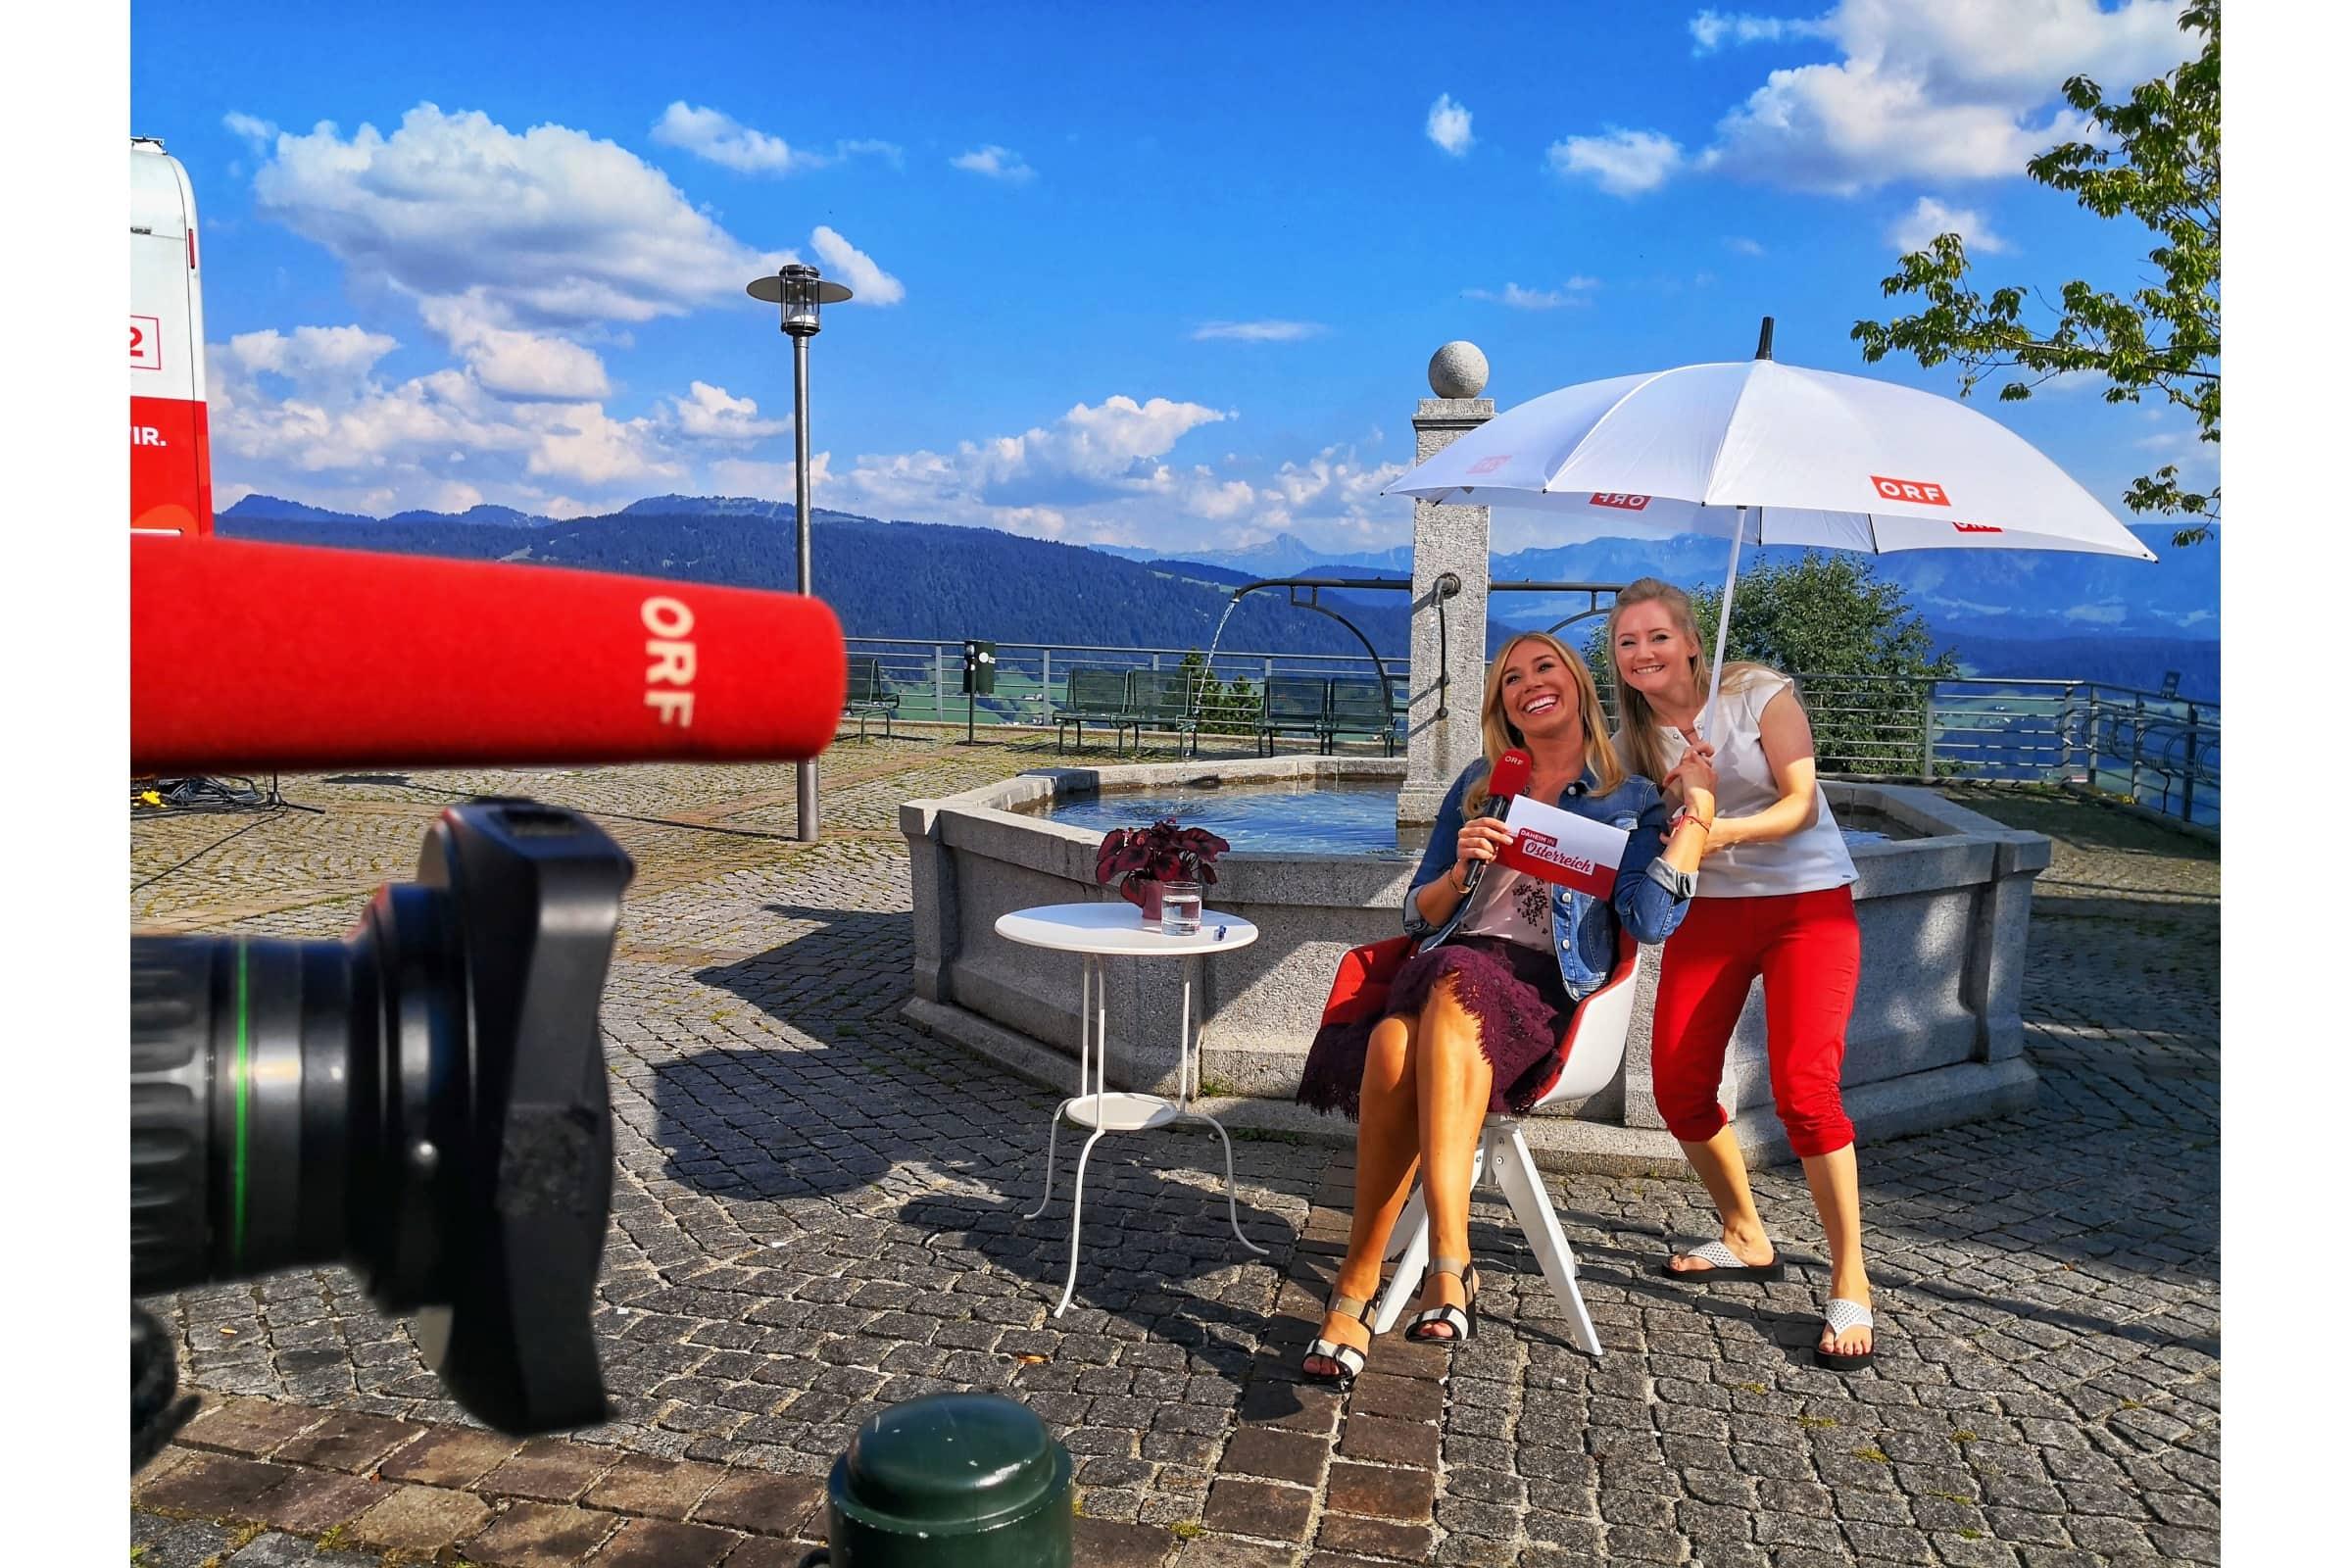 andreas felder kameramann unterwegs in österreich tirol 19 24.07.2018 17 32 05 - ORF Daheim in Österreich